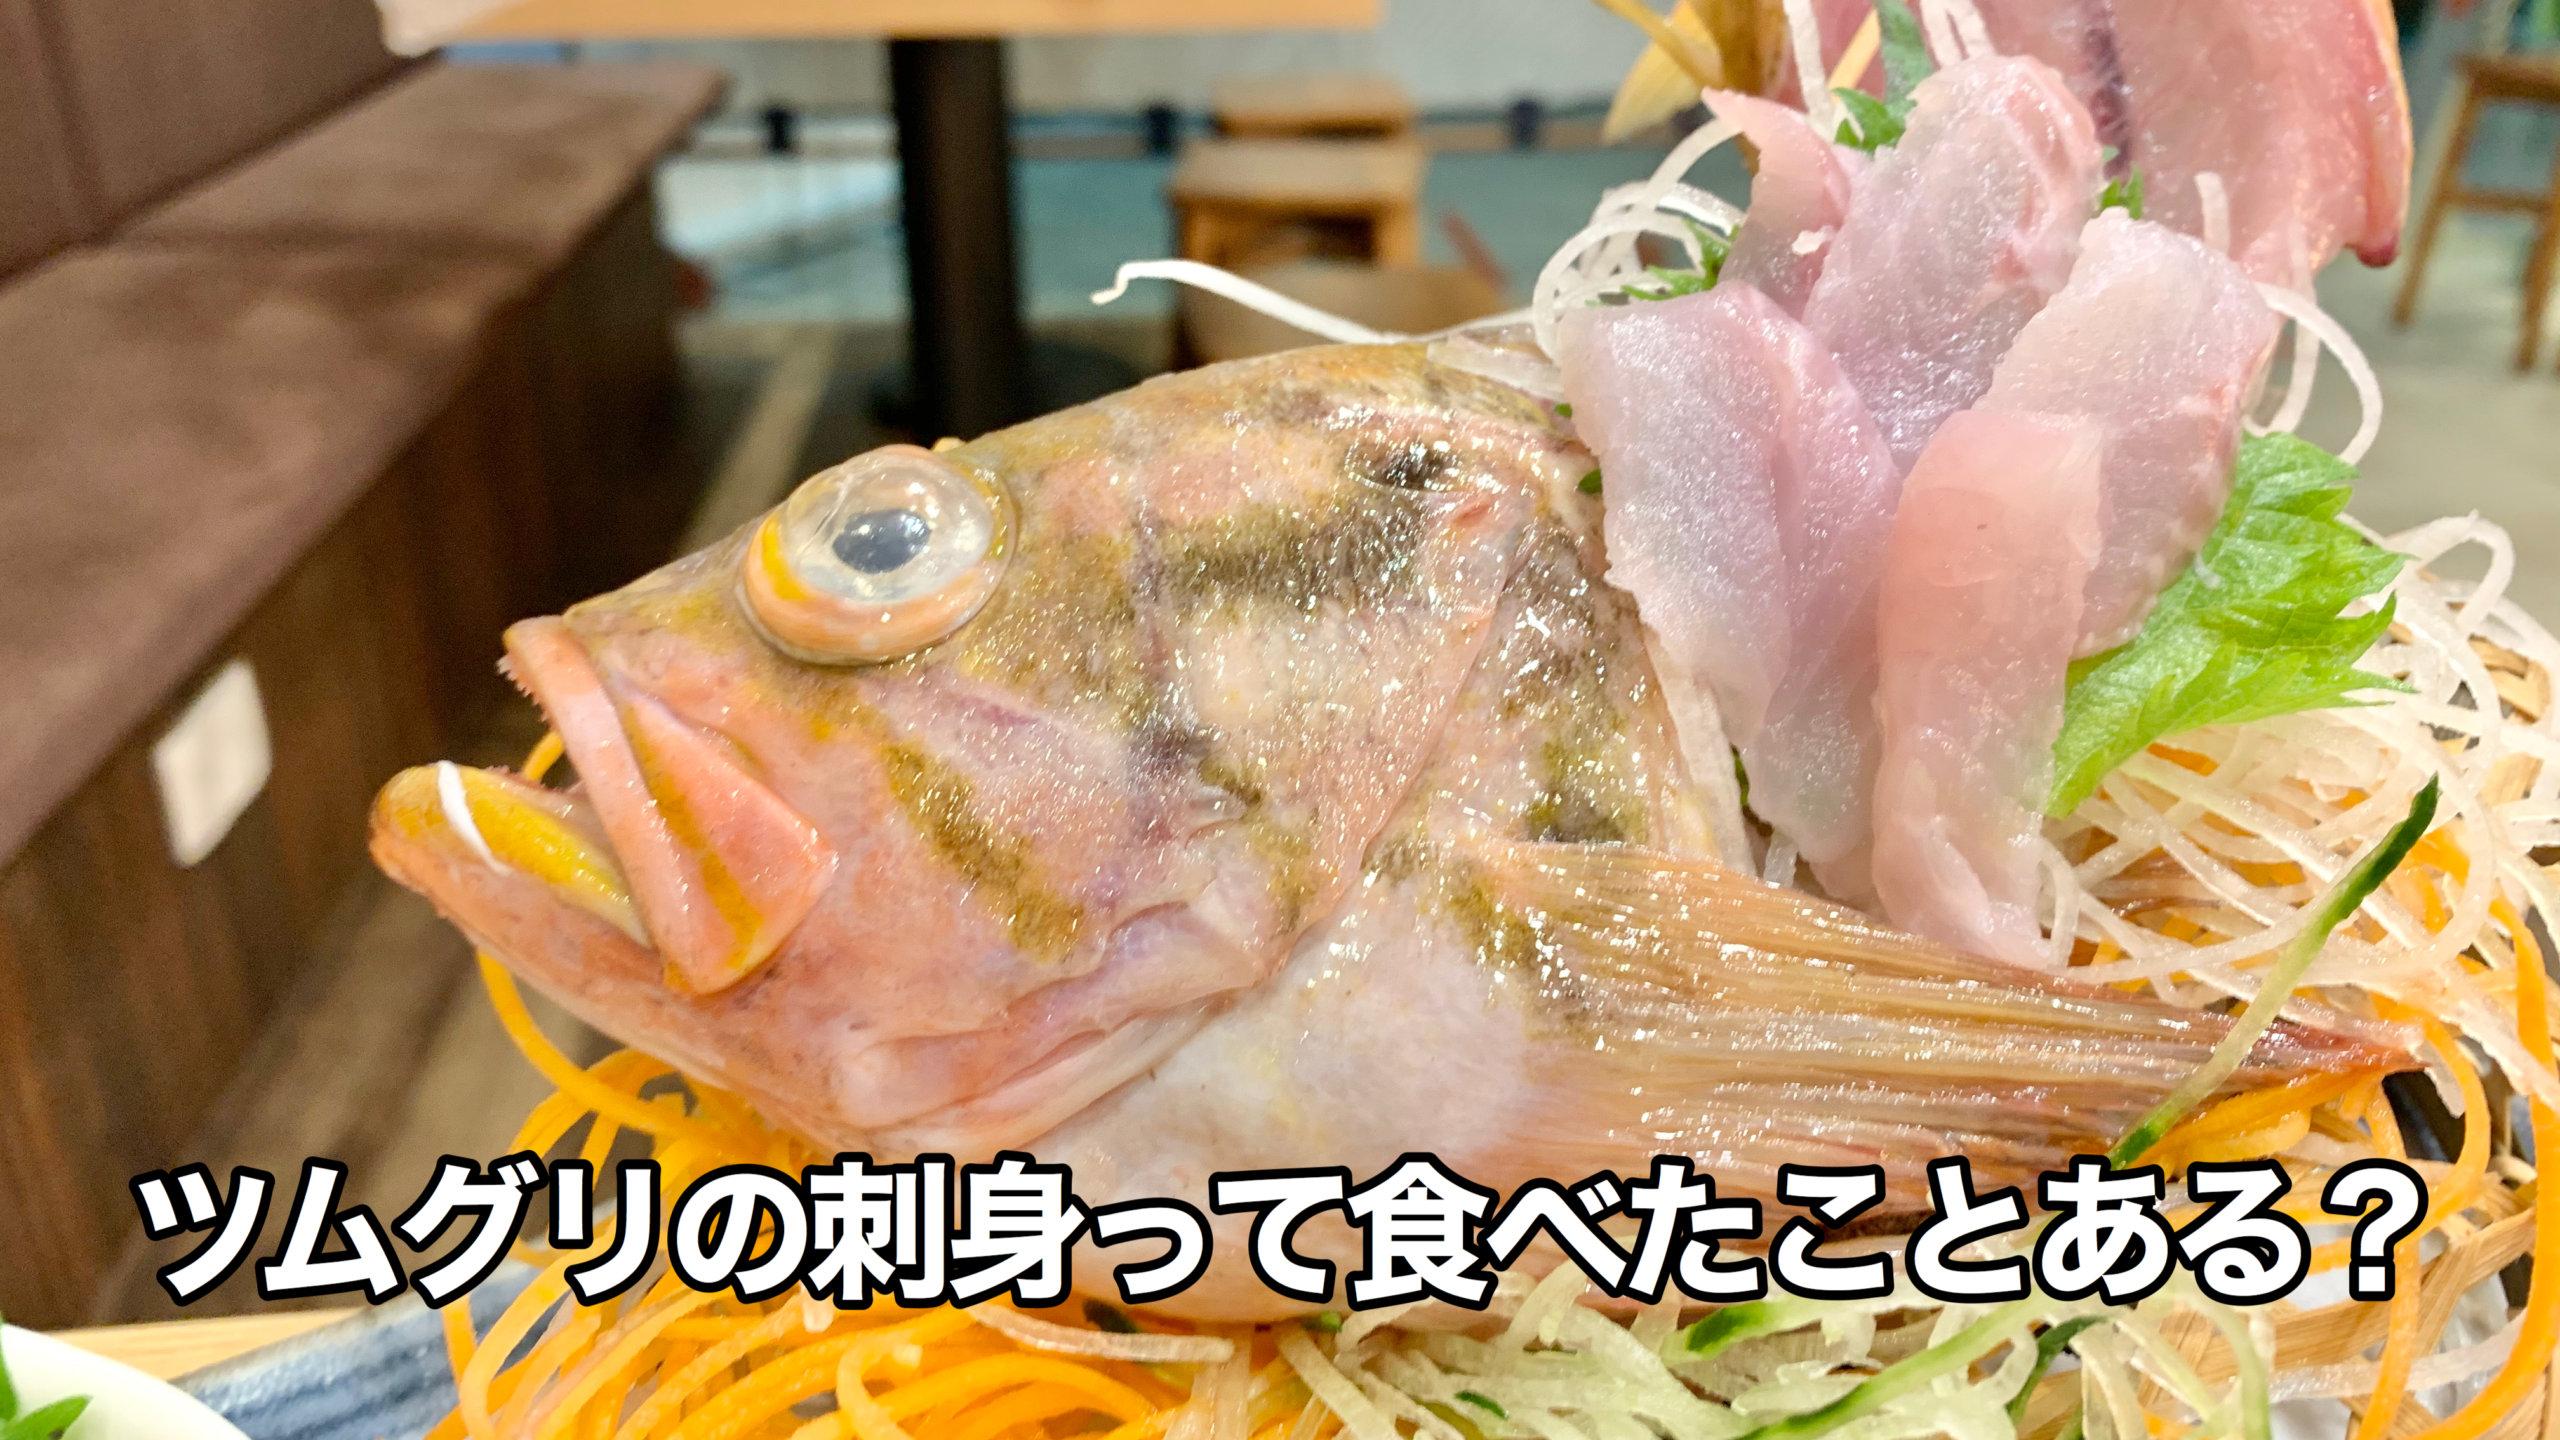 魚王魚王 UOUO